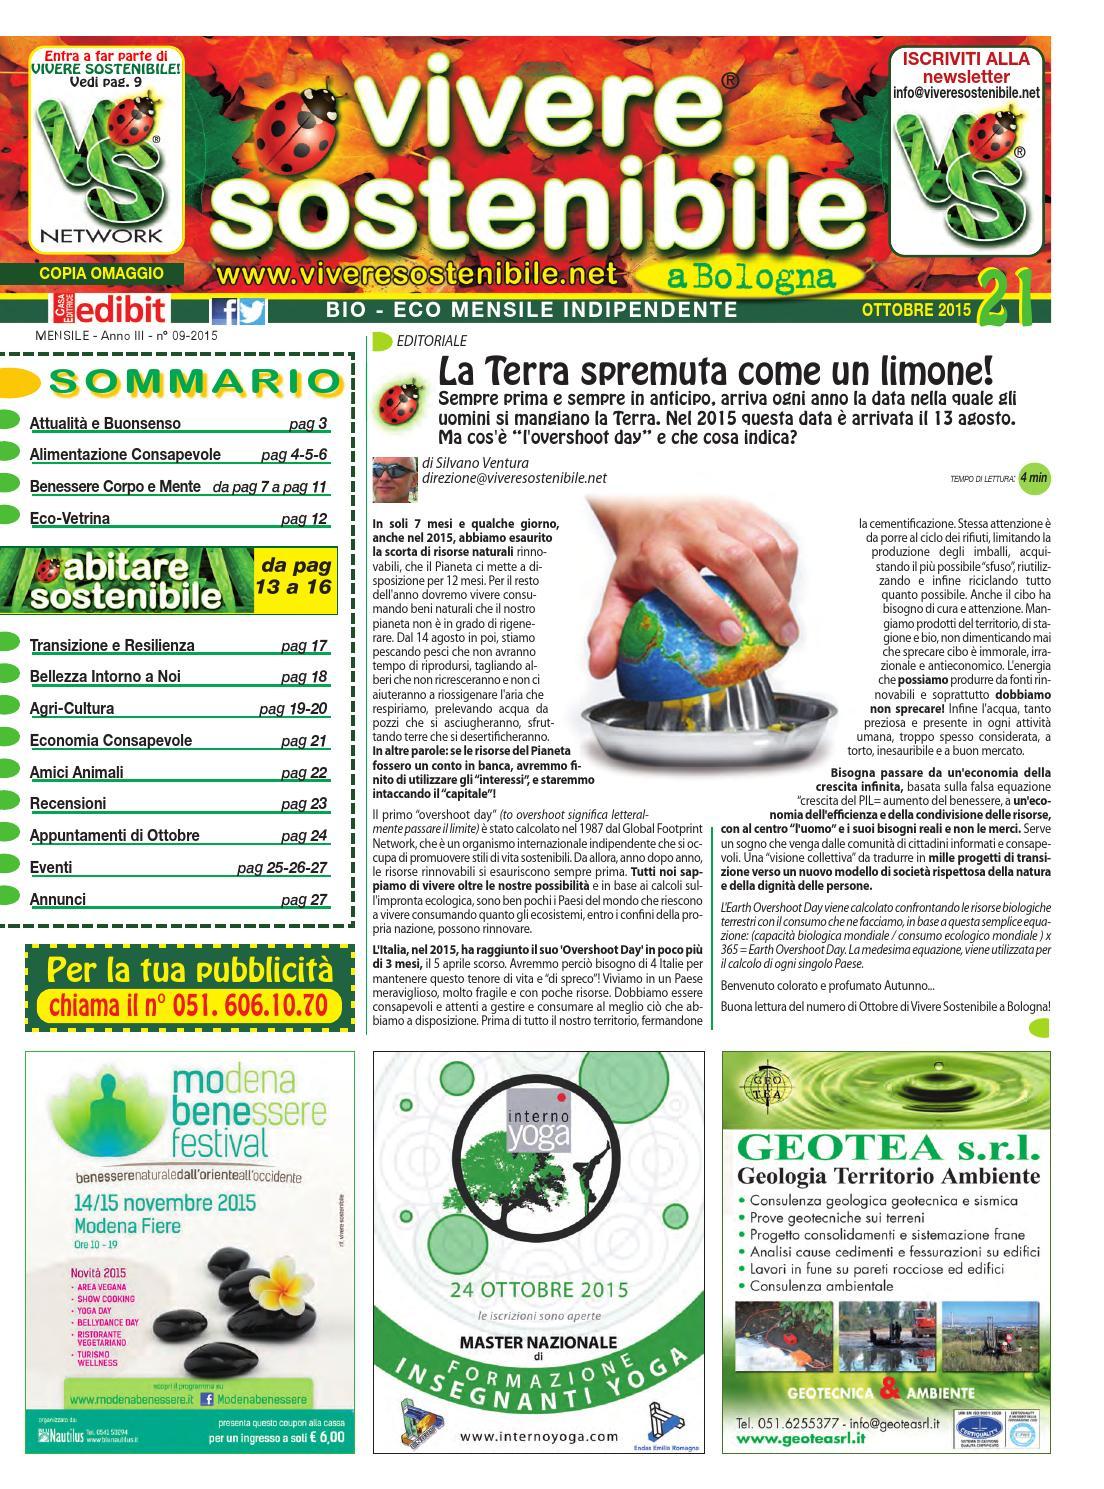 Vivere Sostenibile N 21 Ottobre 2015 By Edibit Vivere Sostenibile Issuu